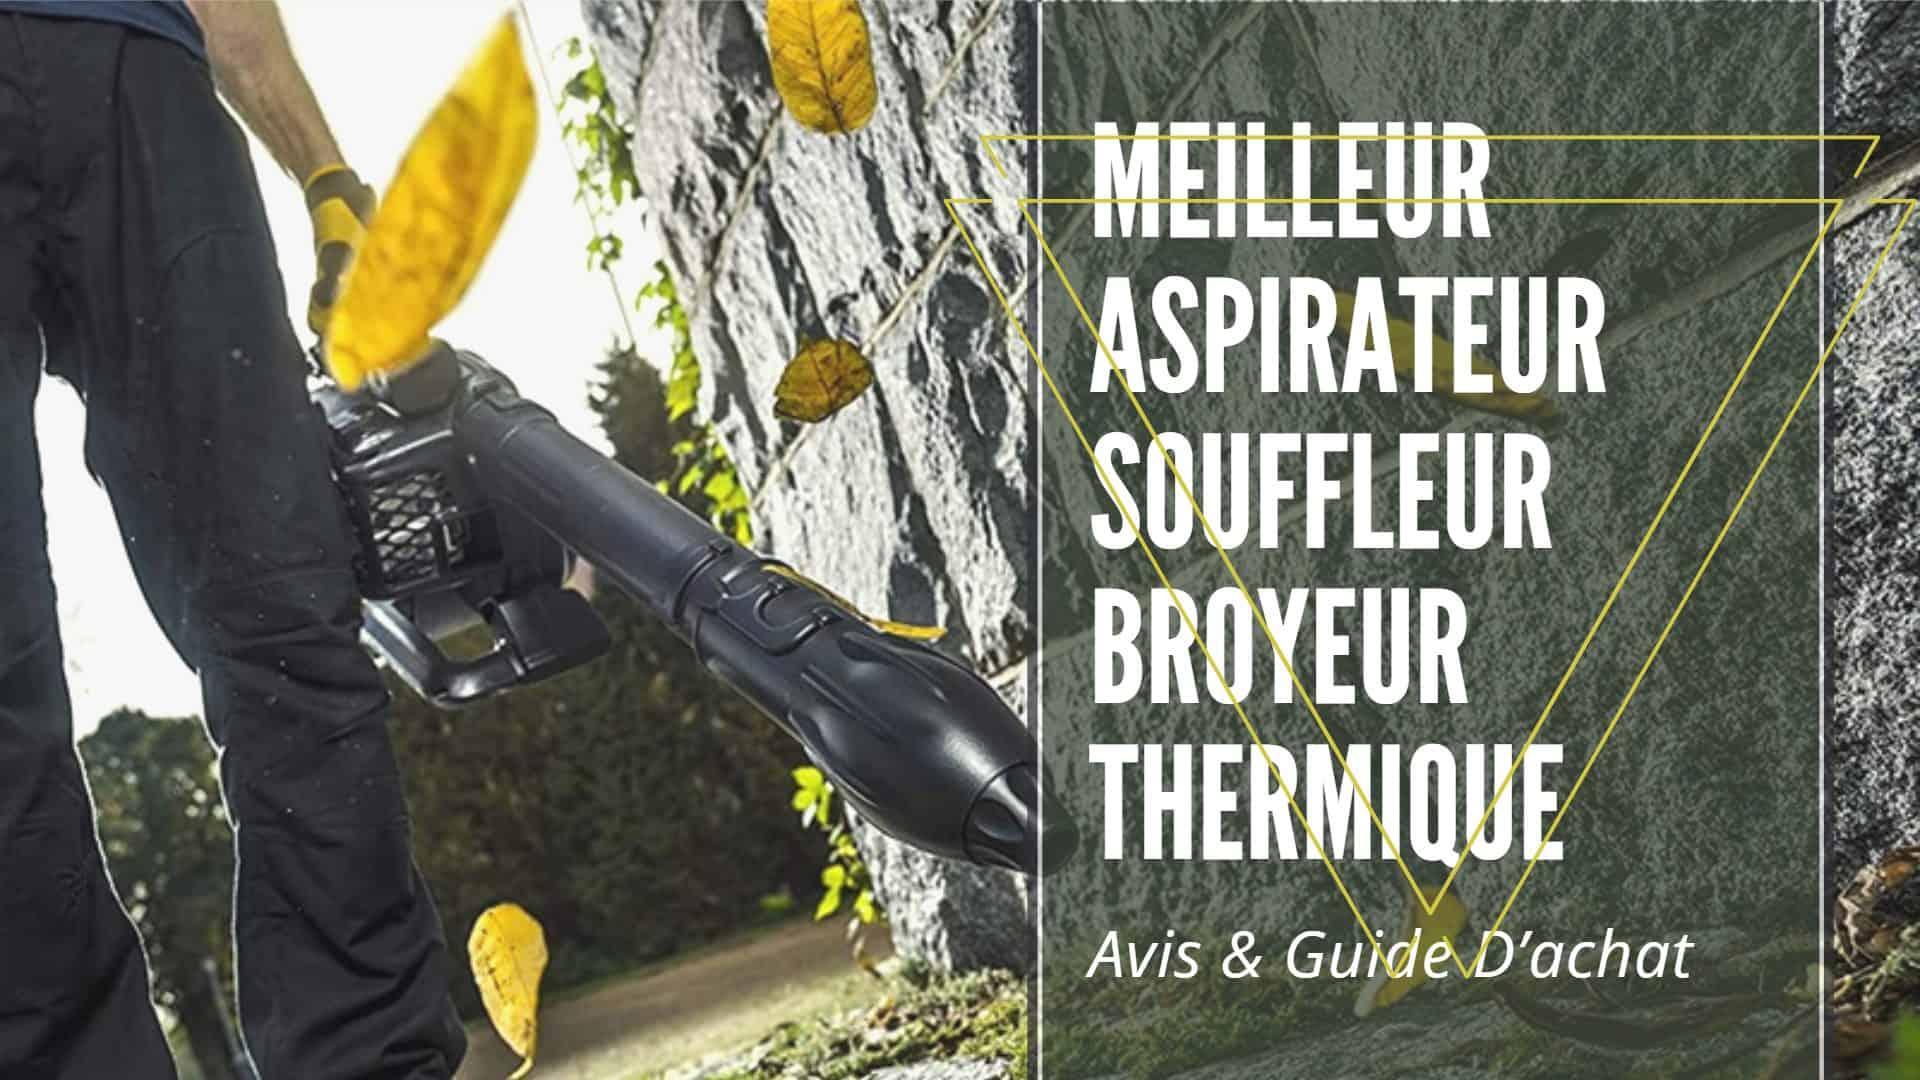 Meilleur Aspirateur Souffleur Broyeur Thermique